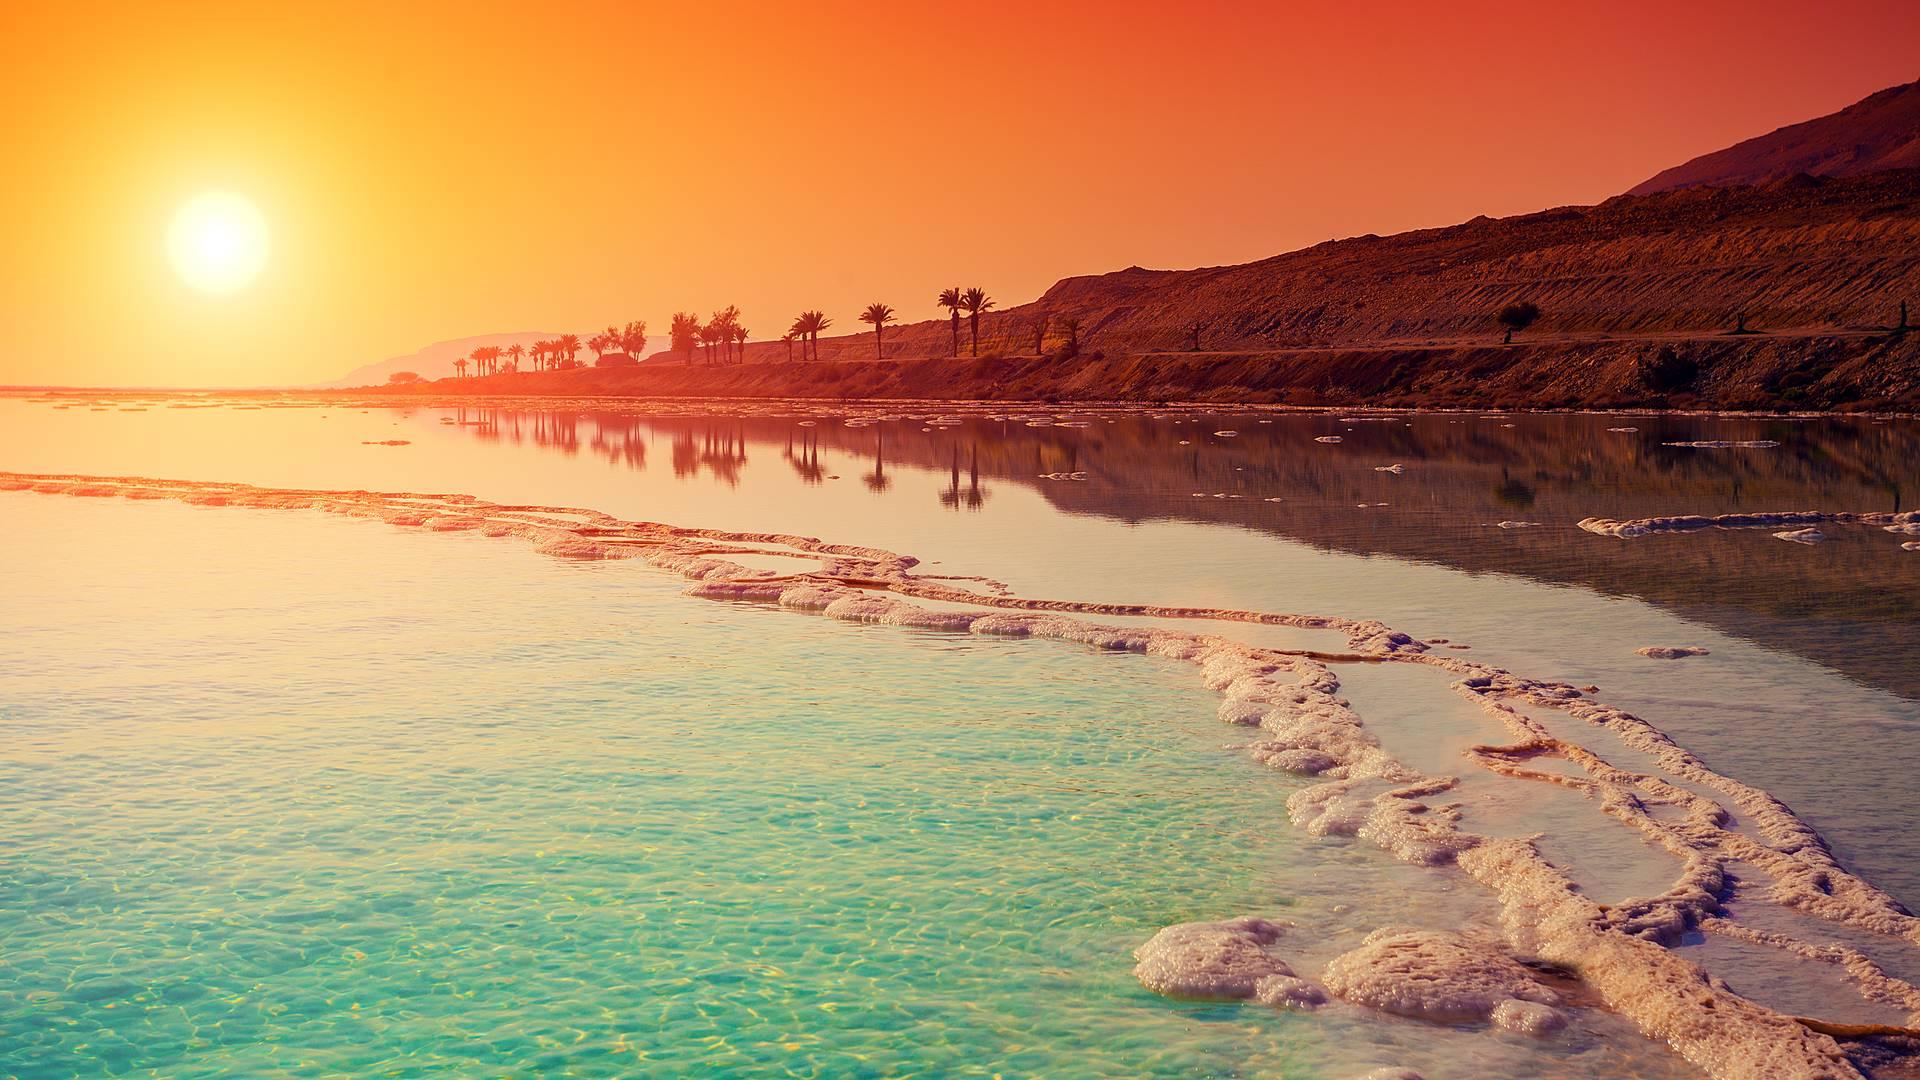 Historia, Cultura y Mar Muerto